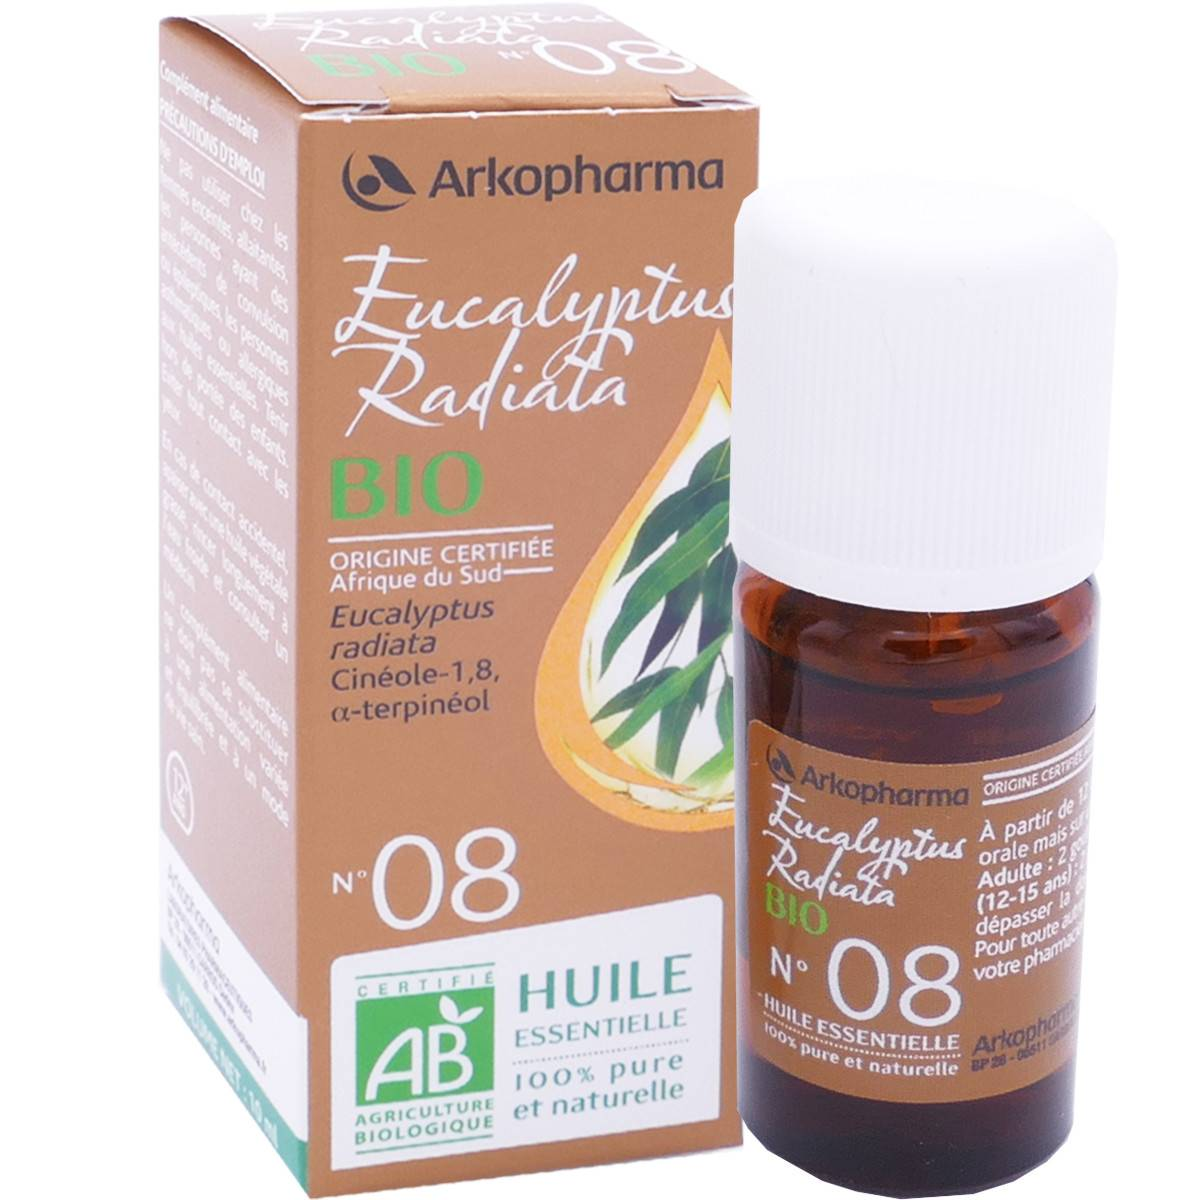 Arkopharma huile essentielle eucalyptus radiata bio n°08 10 ml